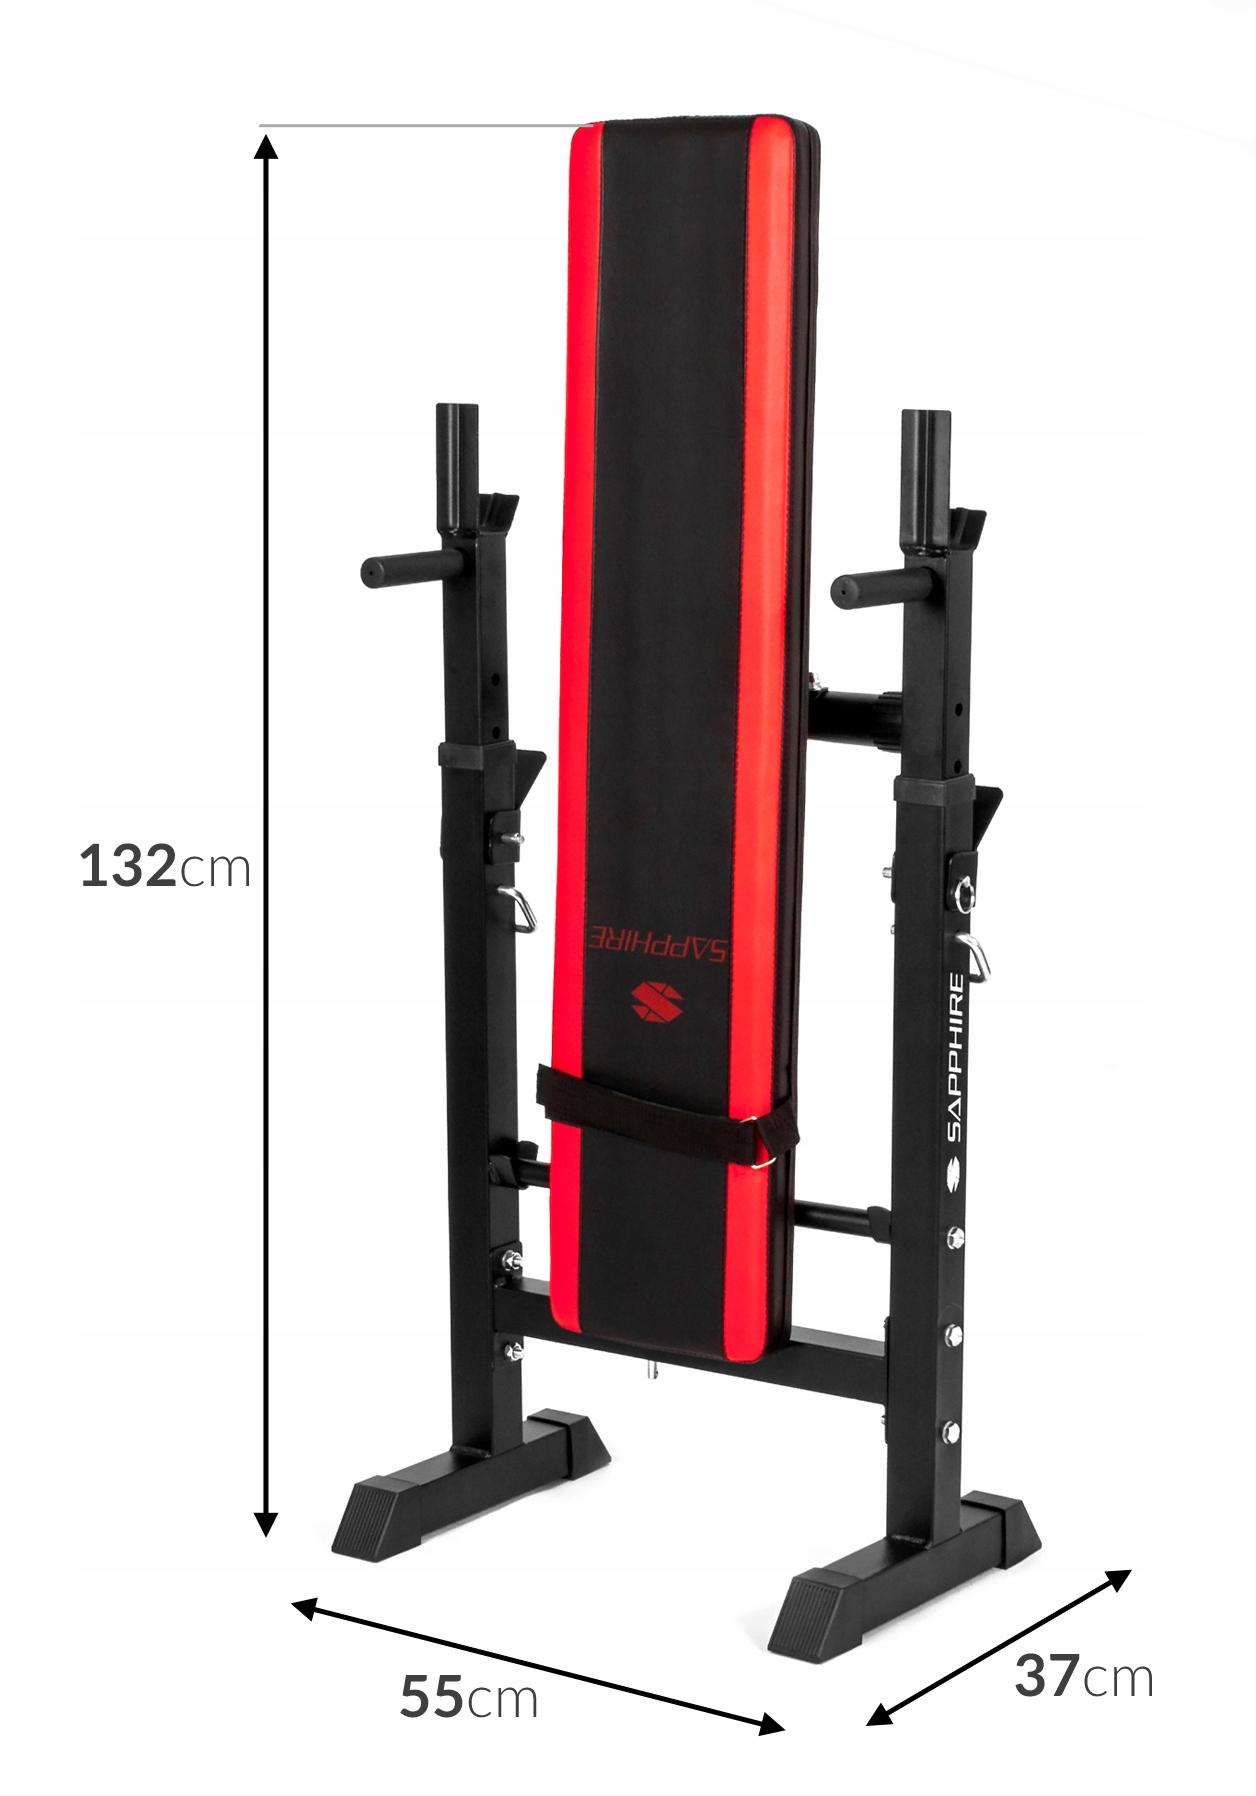 XYLO siłownia 82 kg zestaw ŁAWKA+GRYFY+OBCIĄŻENIA Wyposażenie dodatkowe stojaki